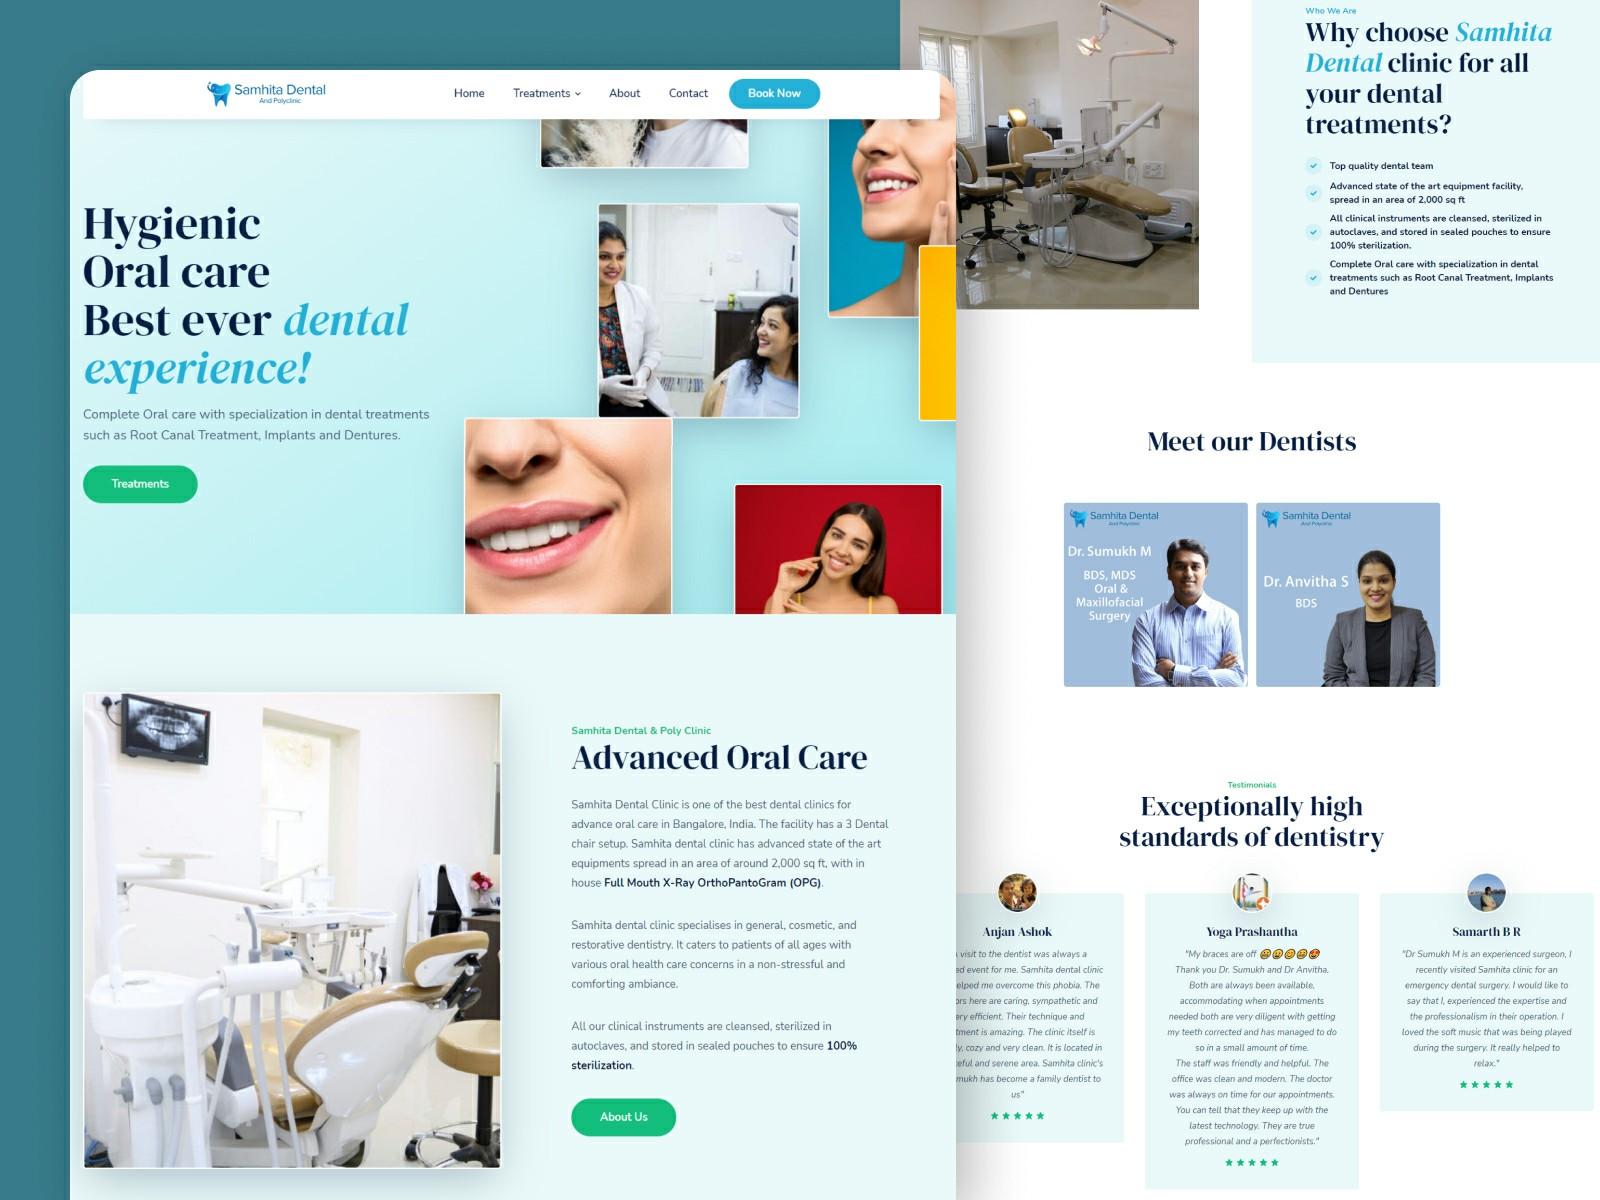 Samhita Dental